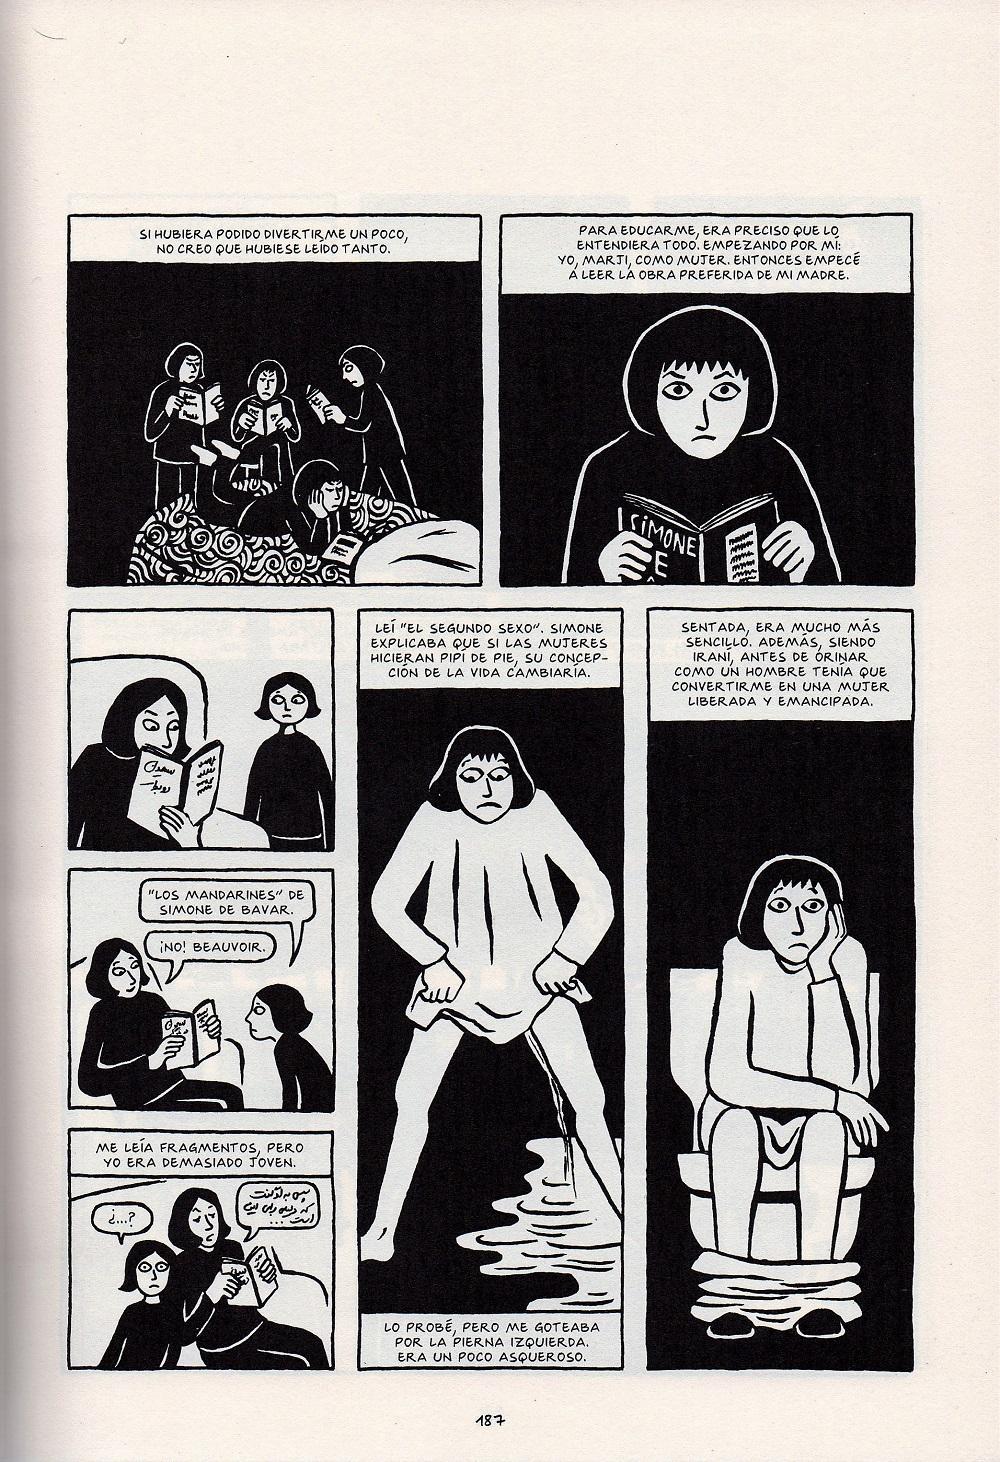 5 Comics En El Dia Internacional De La Mujer Blogs El Comercio Peru